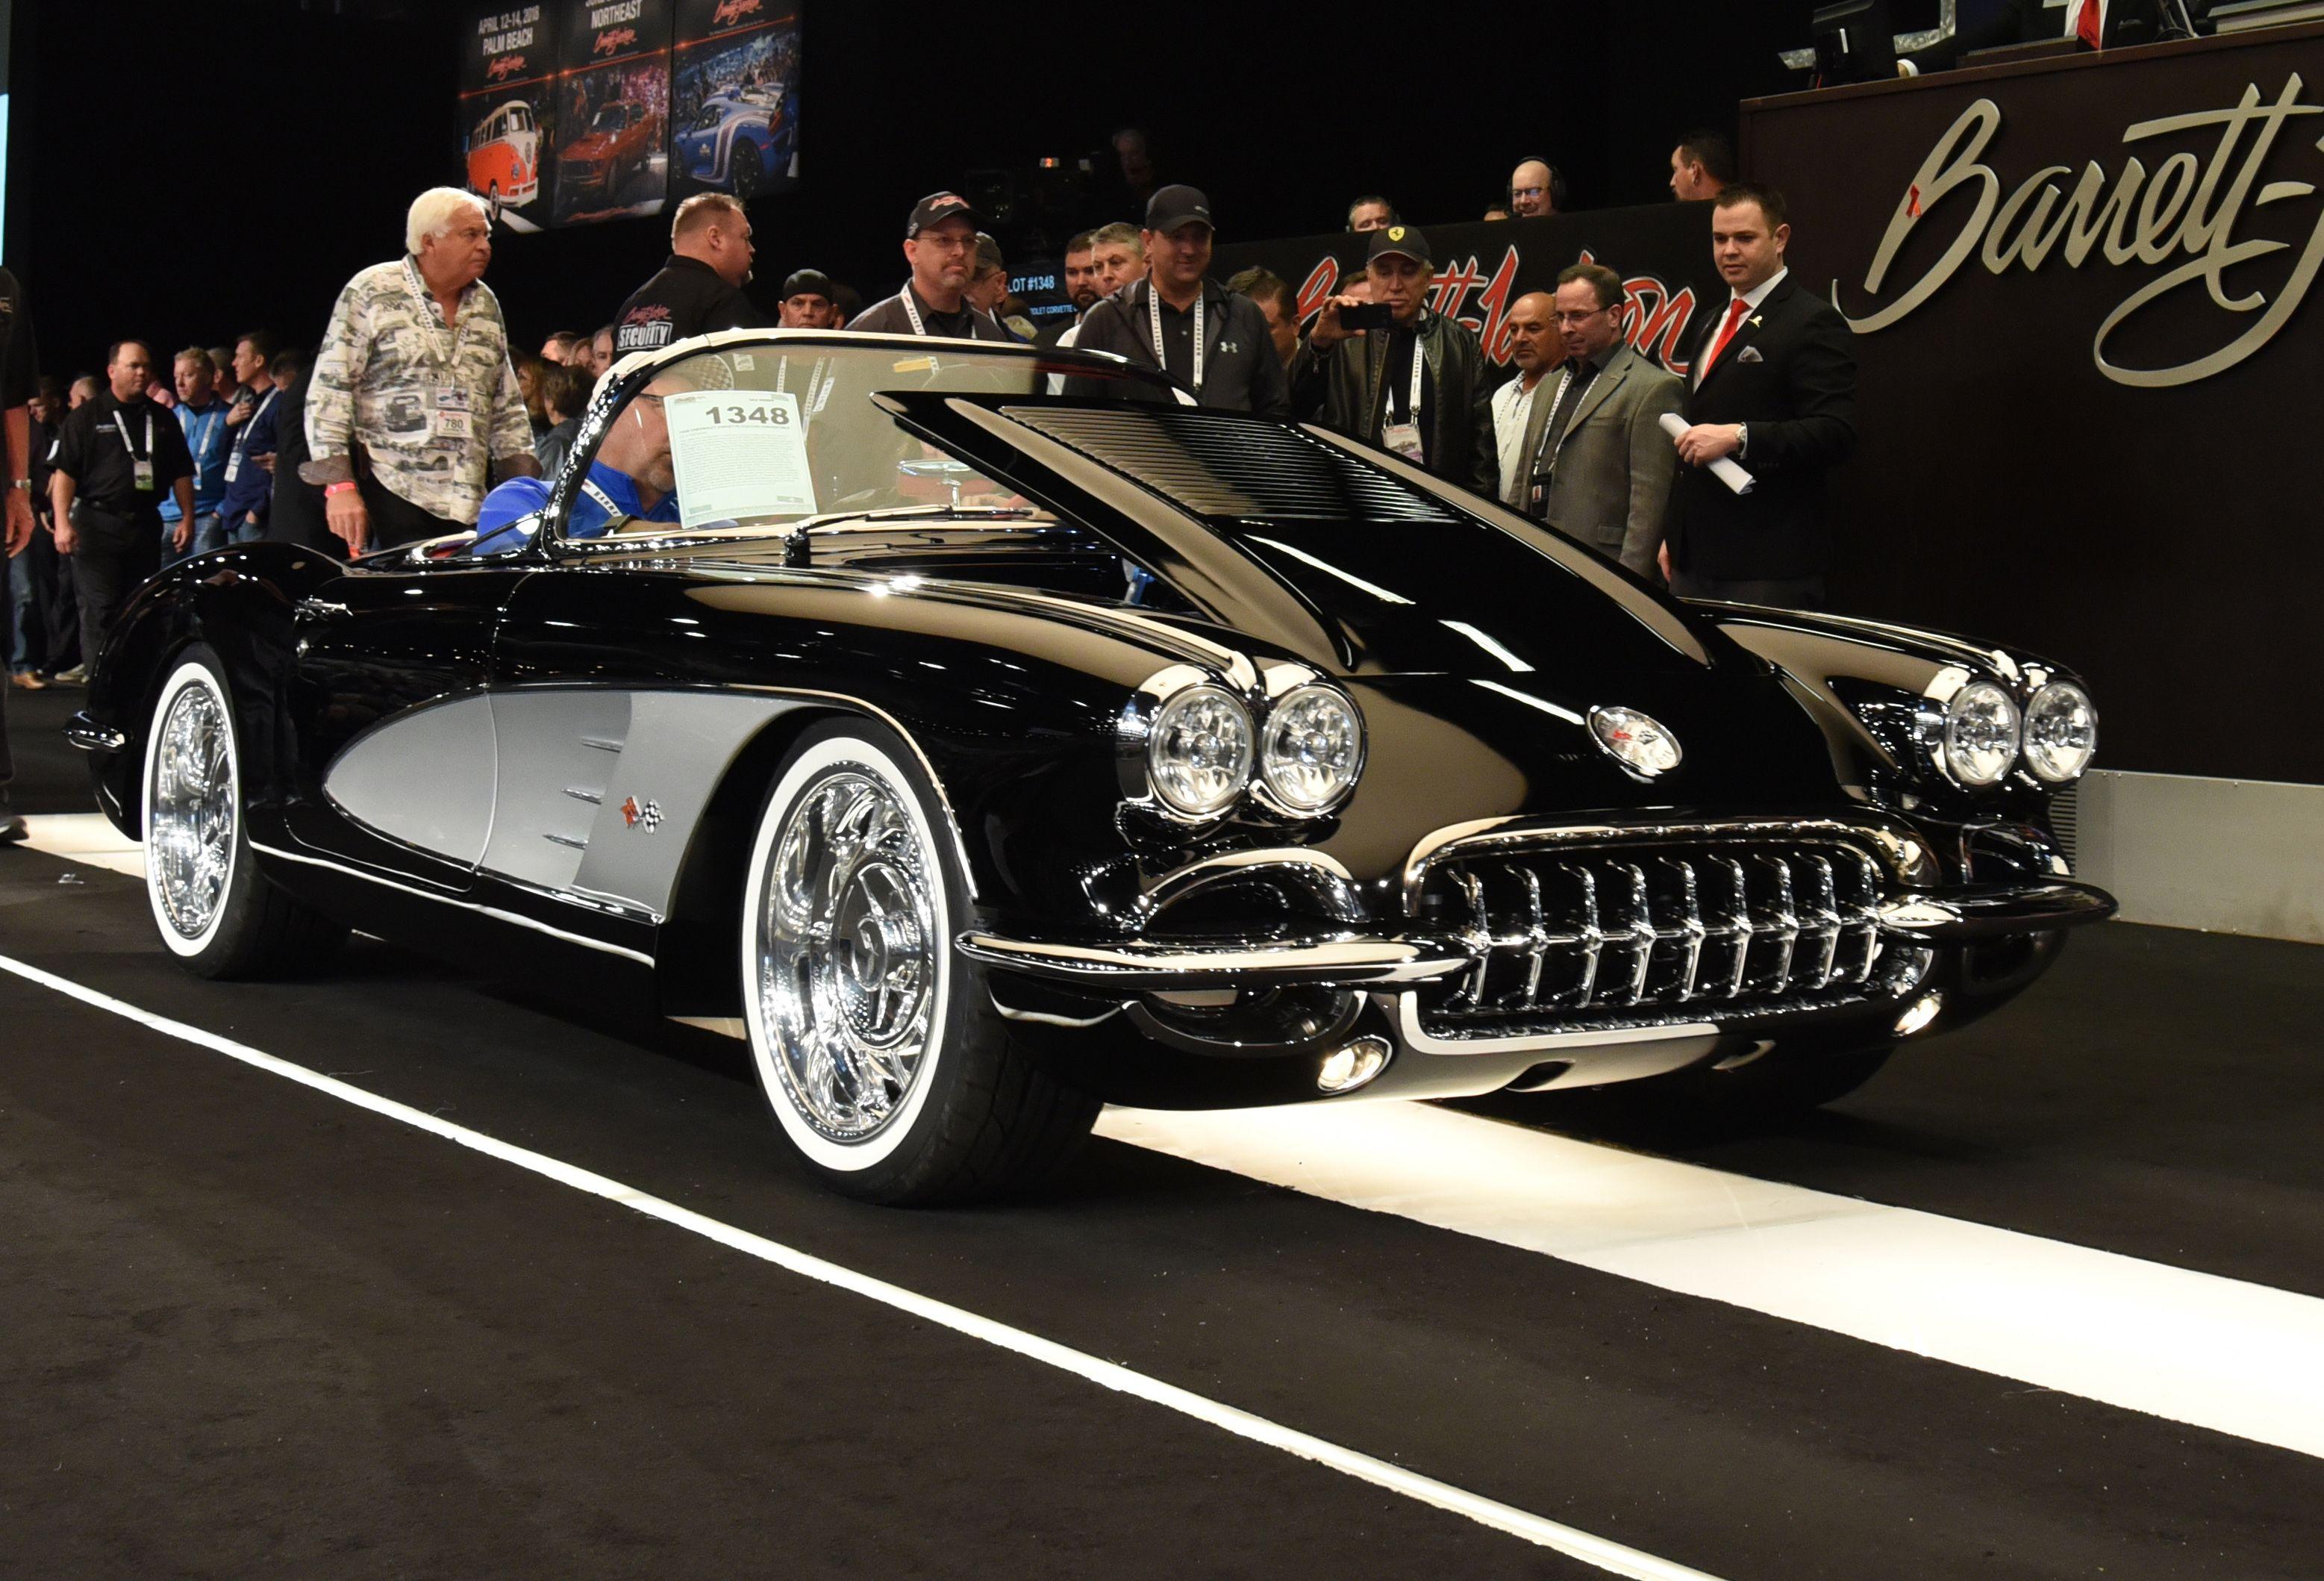 Kelebihan Corvette 58 Tangguh